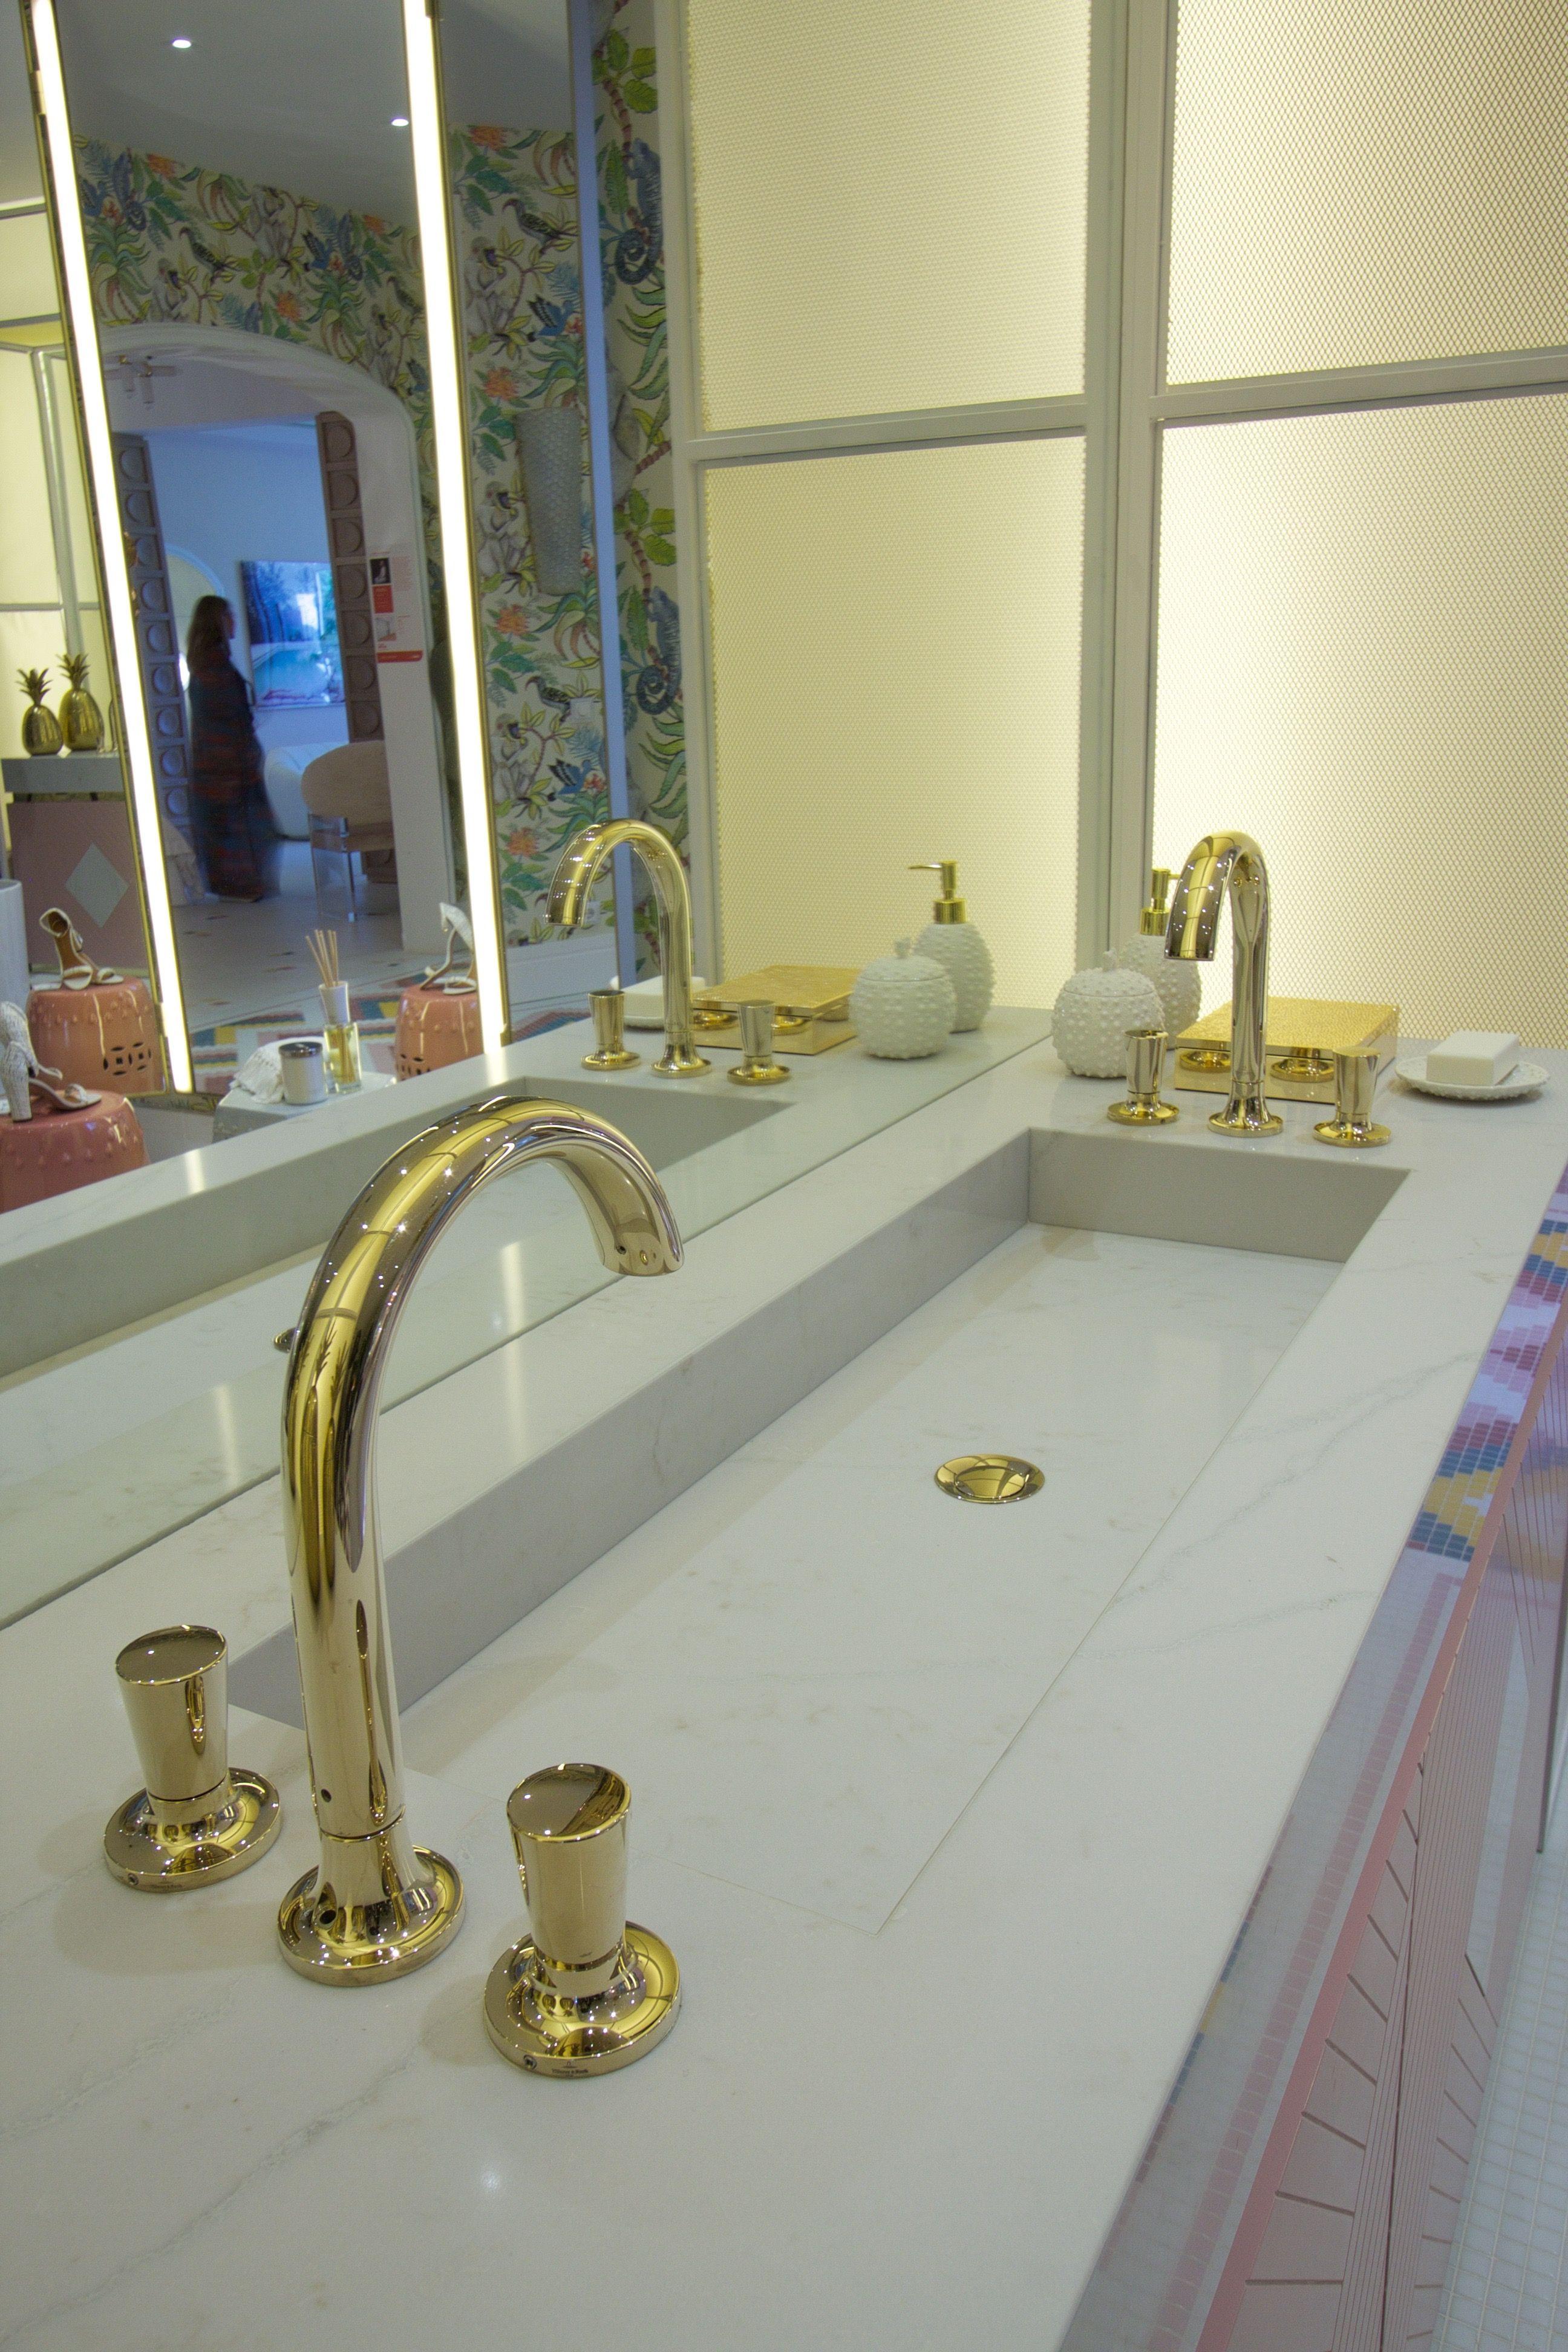 Best Silestone Eternal Statuario Application On The Washbasin 640 x 480